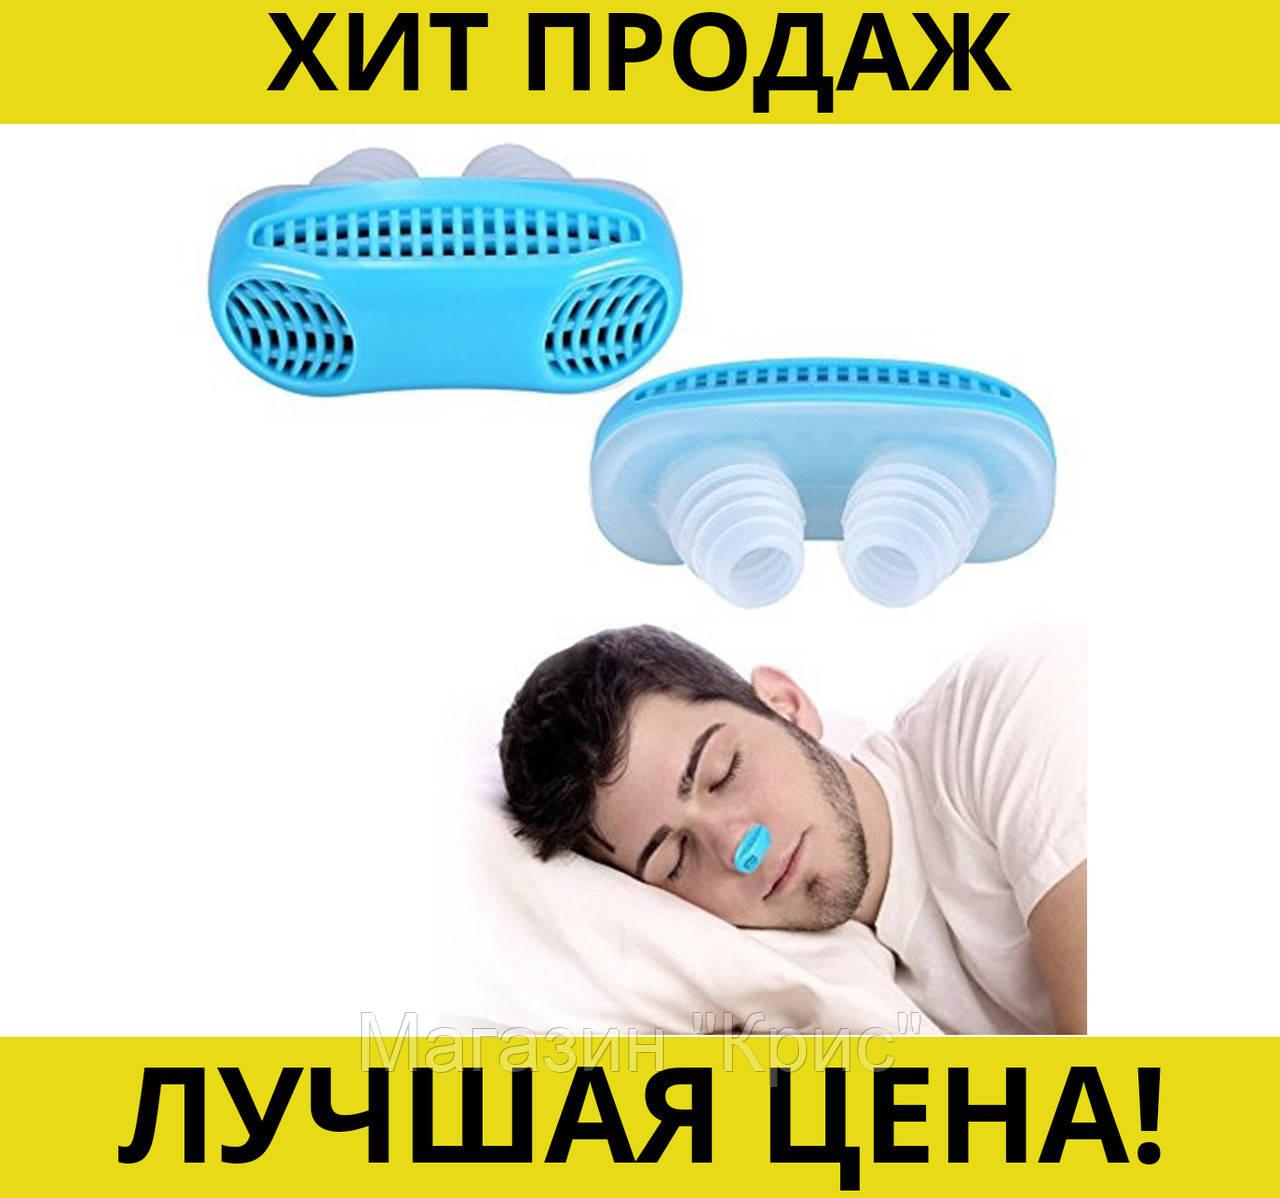 Антихрап anti snoring 2 в 1 / Анти Храп